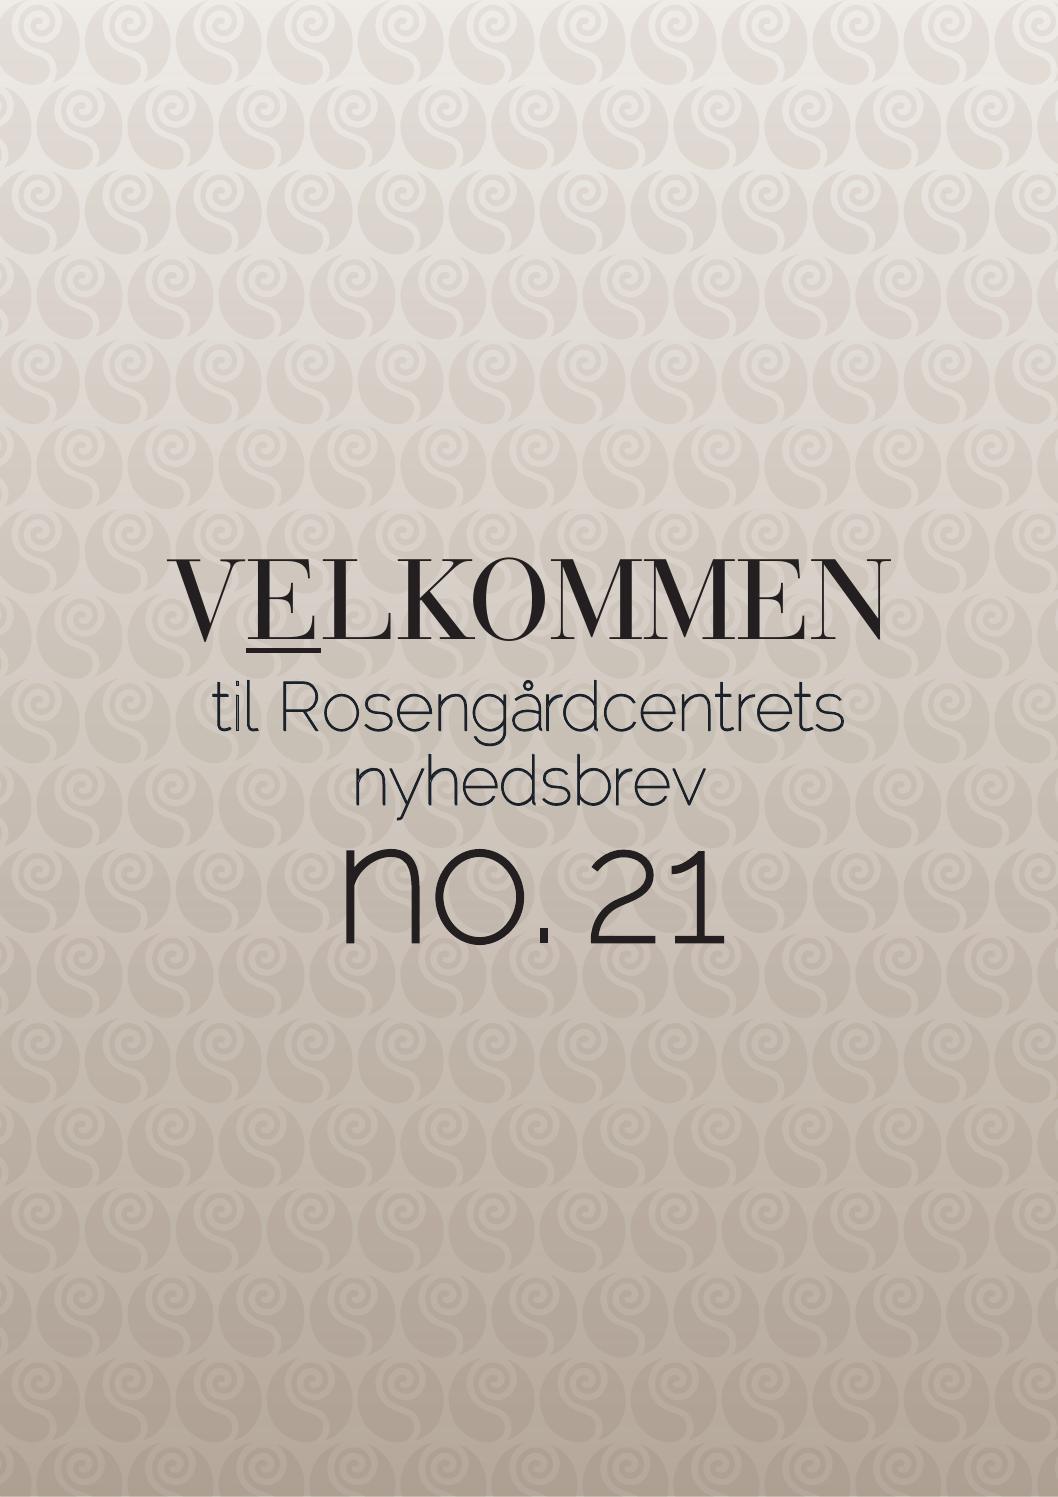 Rosengårdcentret opskrifter jul no.1 '15 by Rosengårdcentret - Issuu